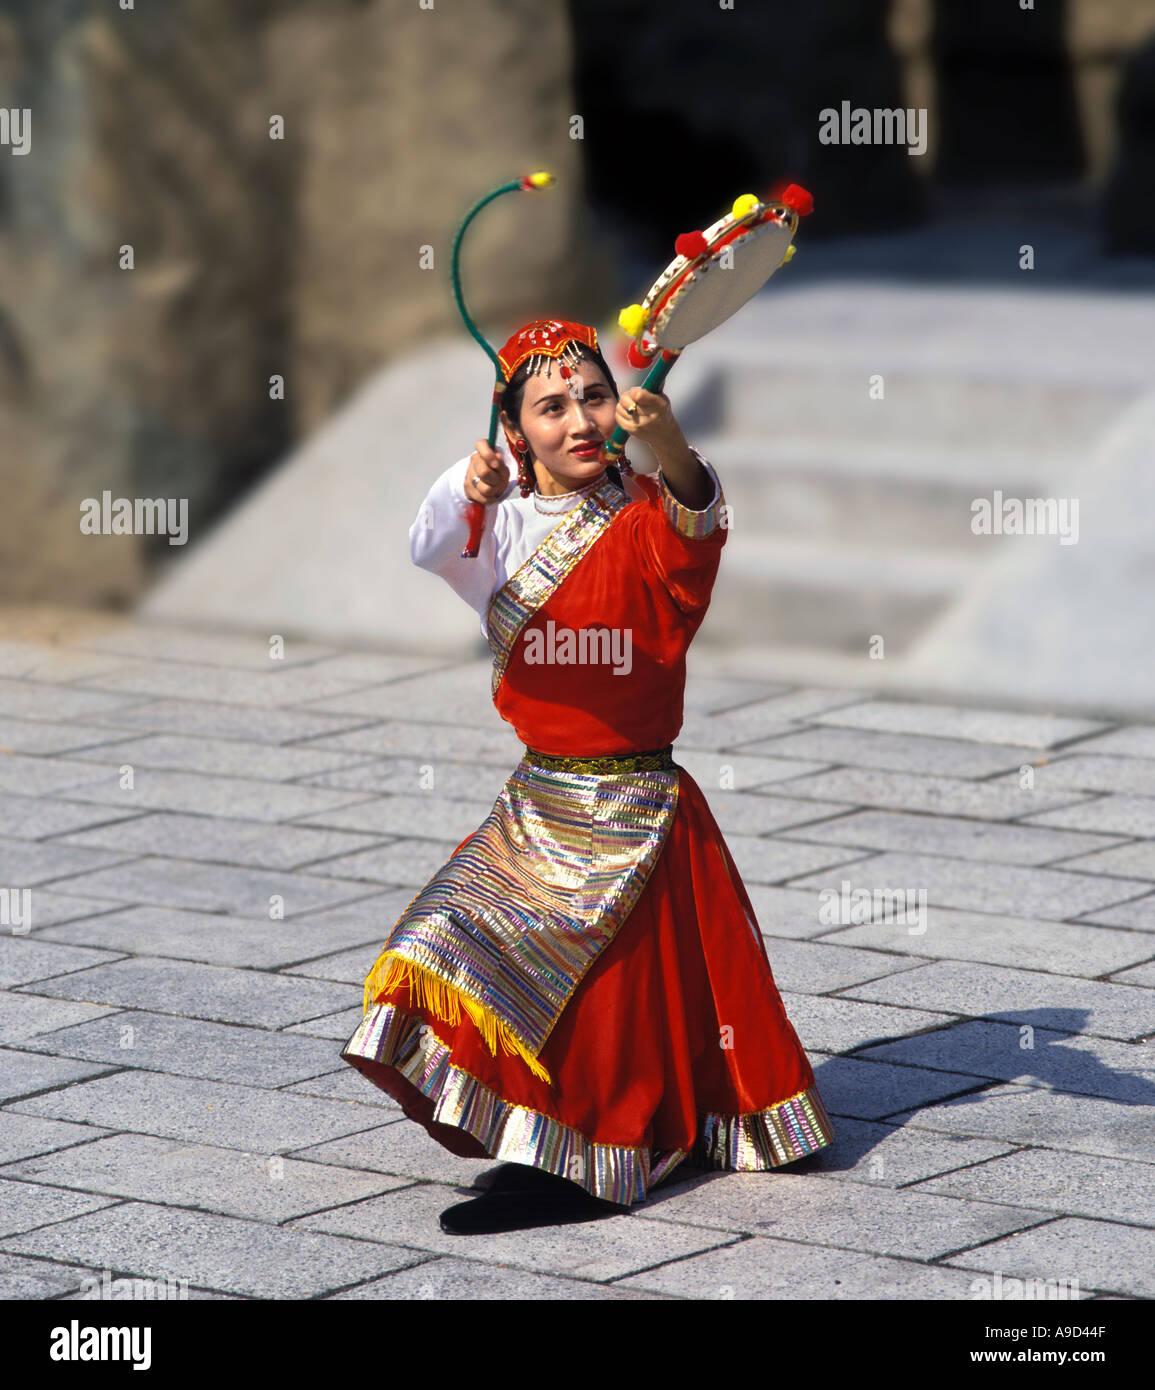 Danseuse chinoise dans la région du Moyen Empire, Ocean Park, Hong Kong Photo Stock